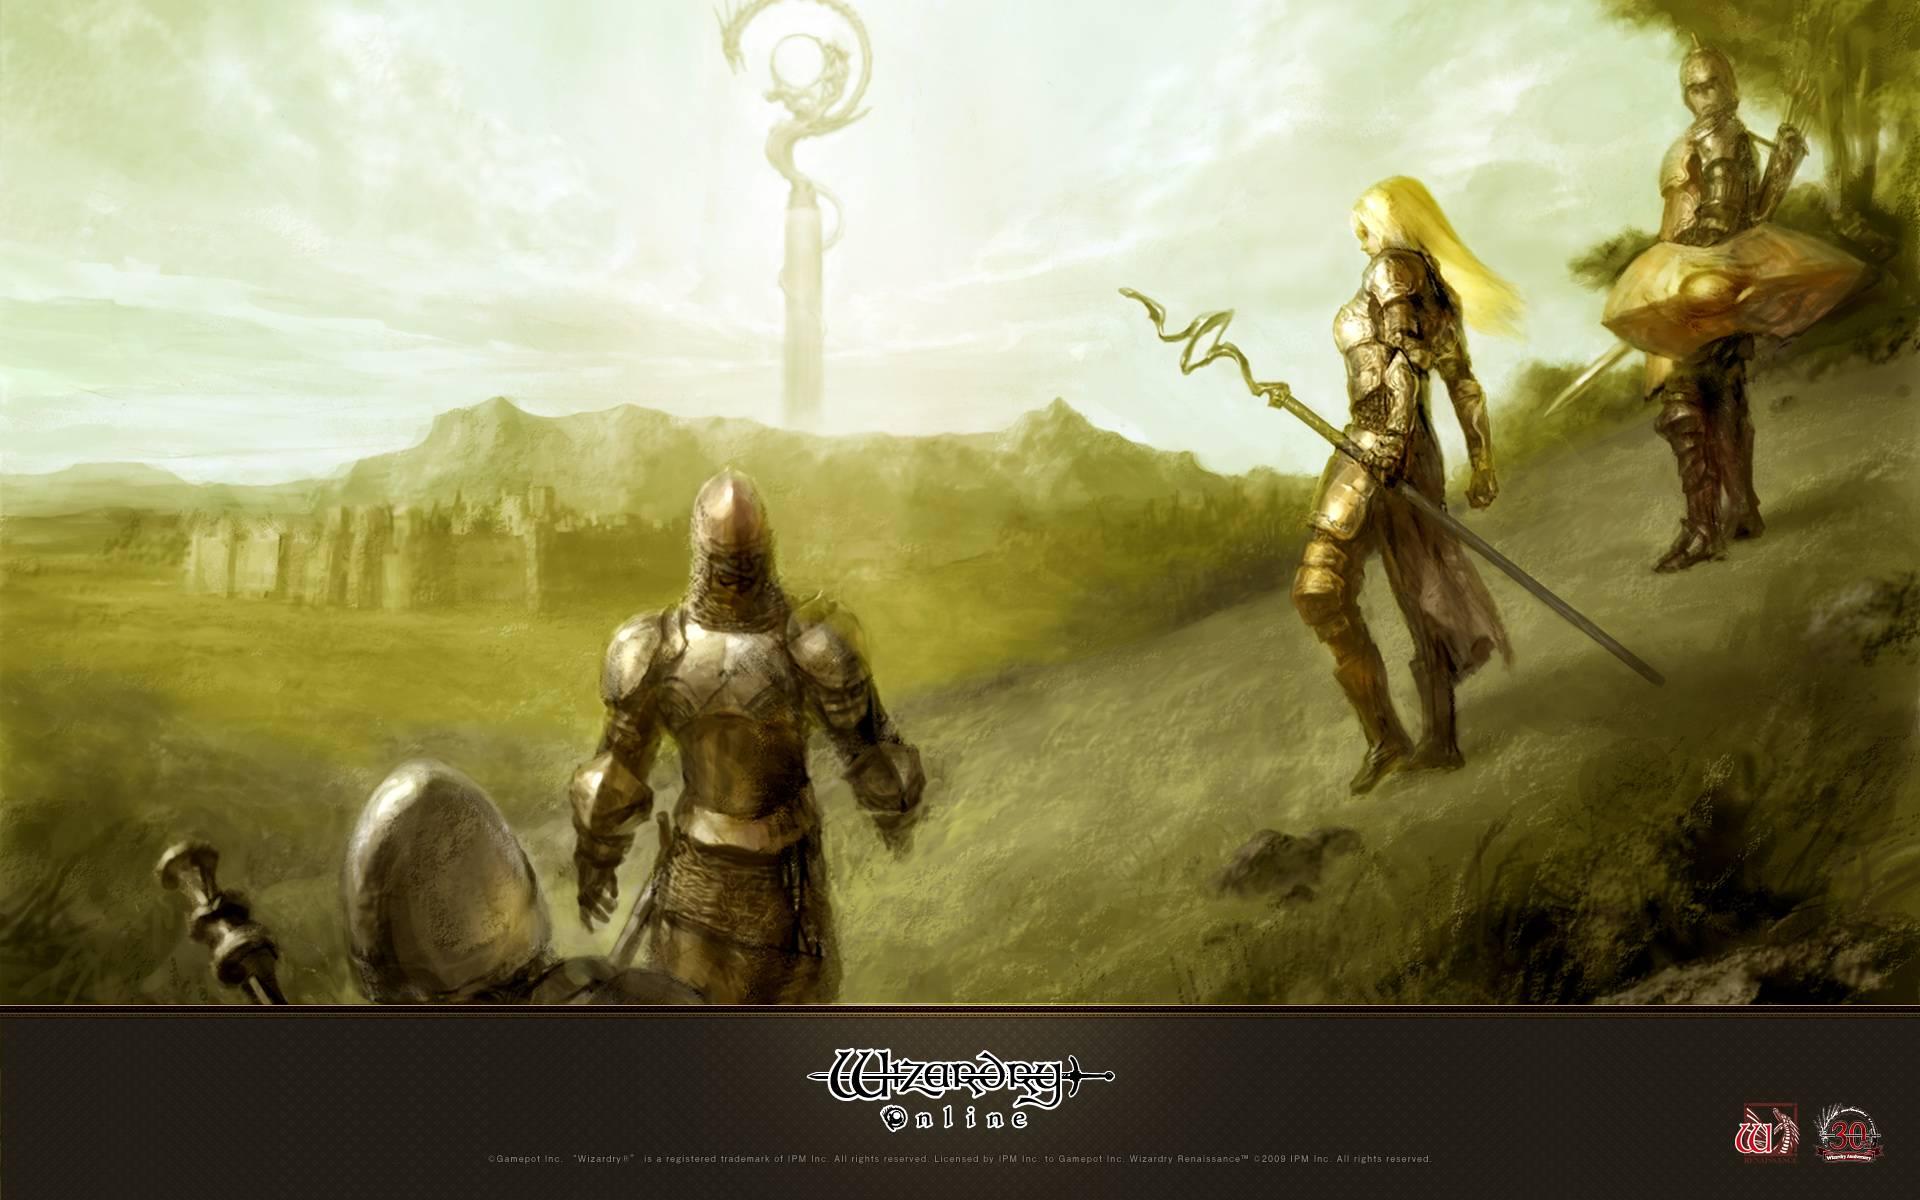 Imagenes de Wizardry Online